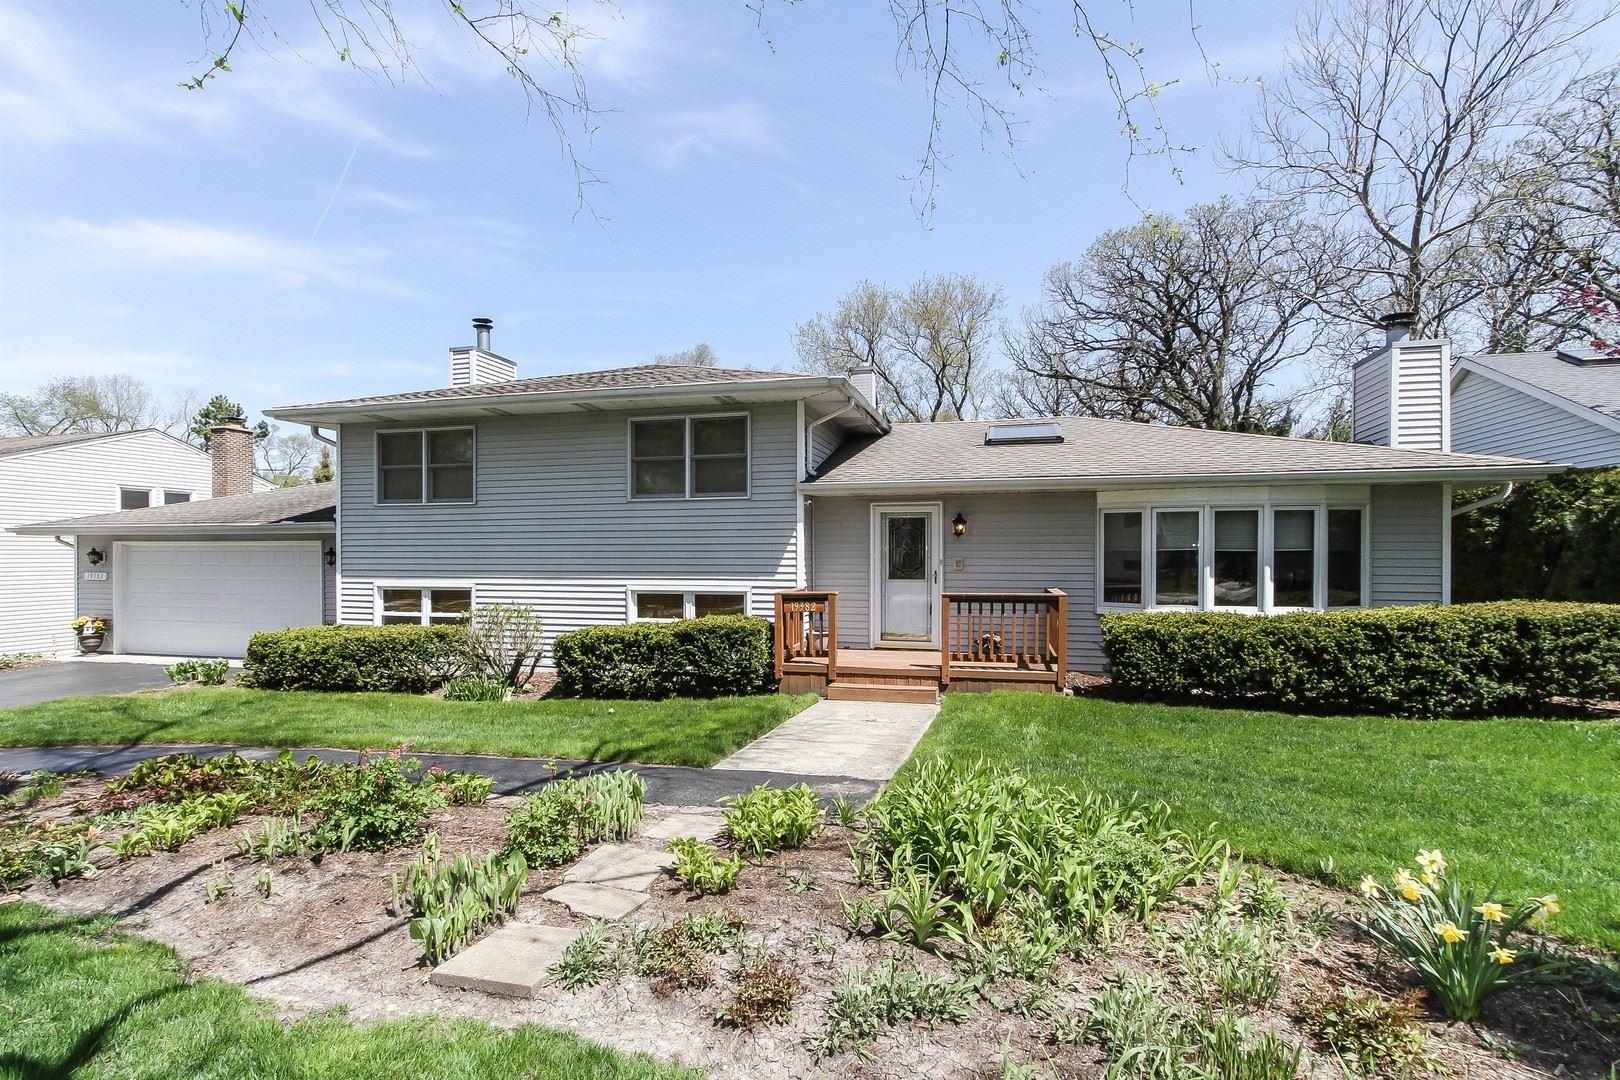 19382 W Prospect Drive, Mundelein, IL 60060 - #: 10630640